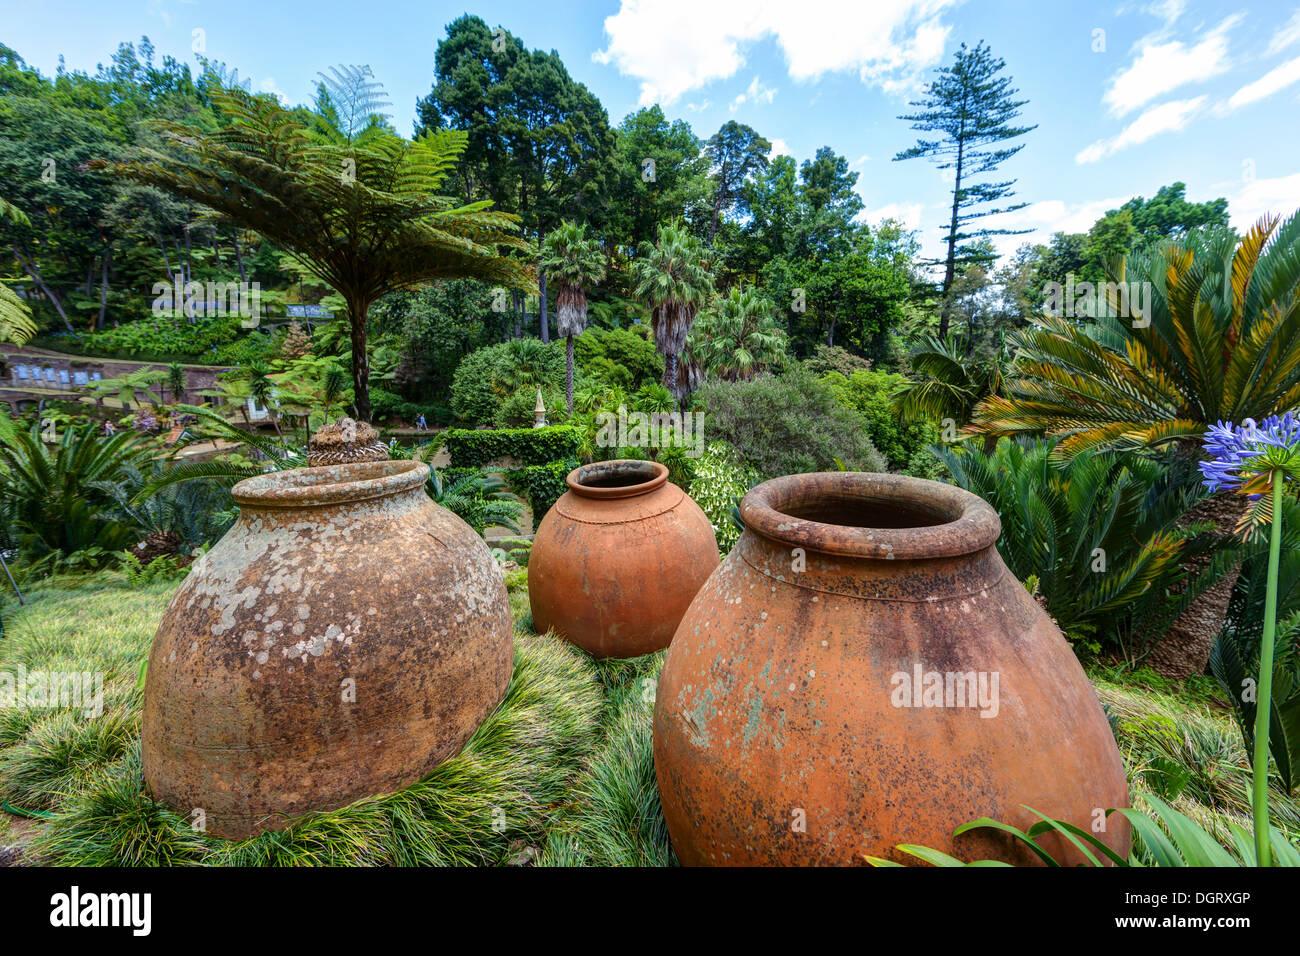 Jardim Botânico Da Madeira Or Botanical Garden, On The Grounds Of The Farm  Of The